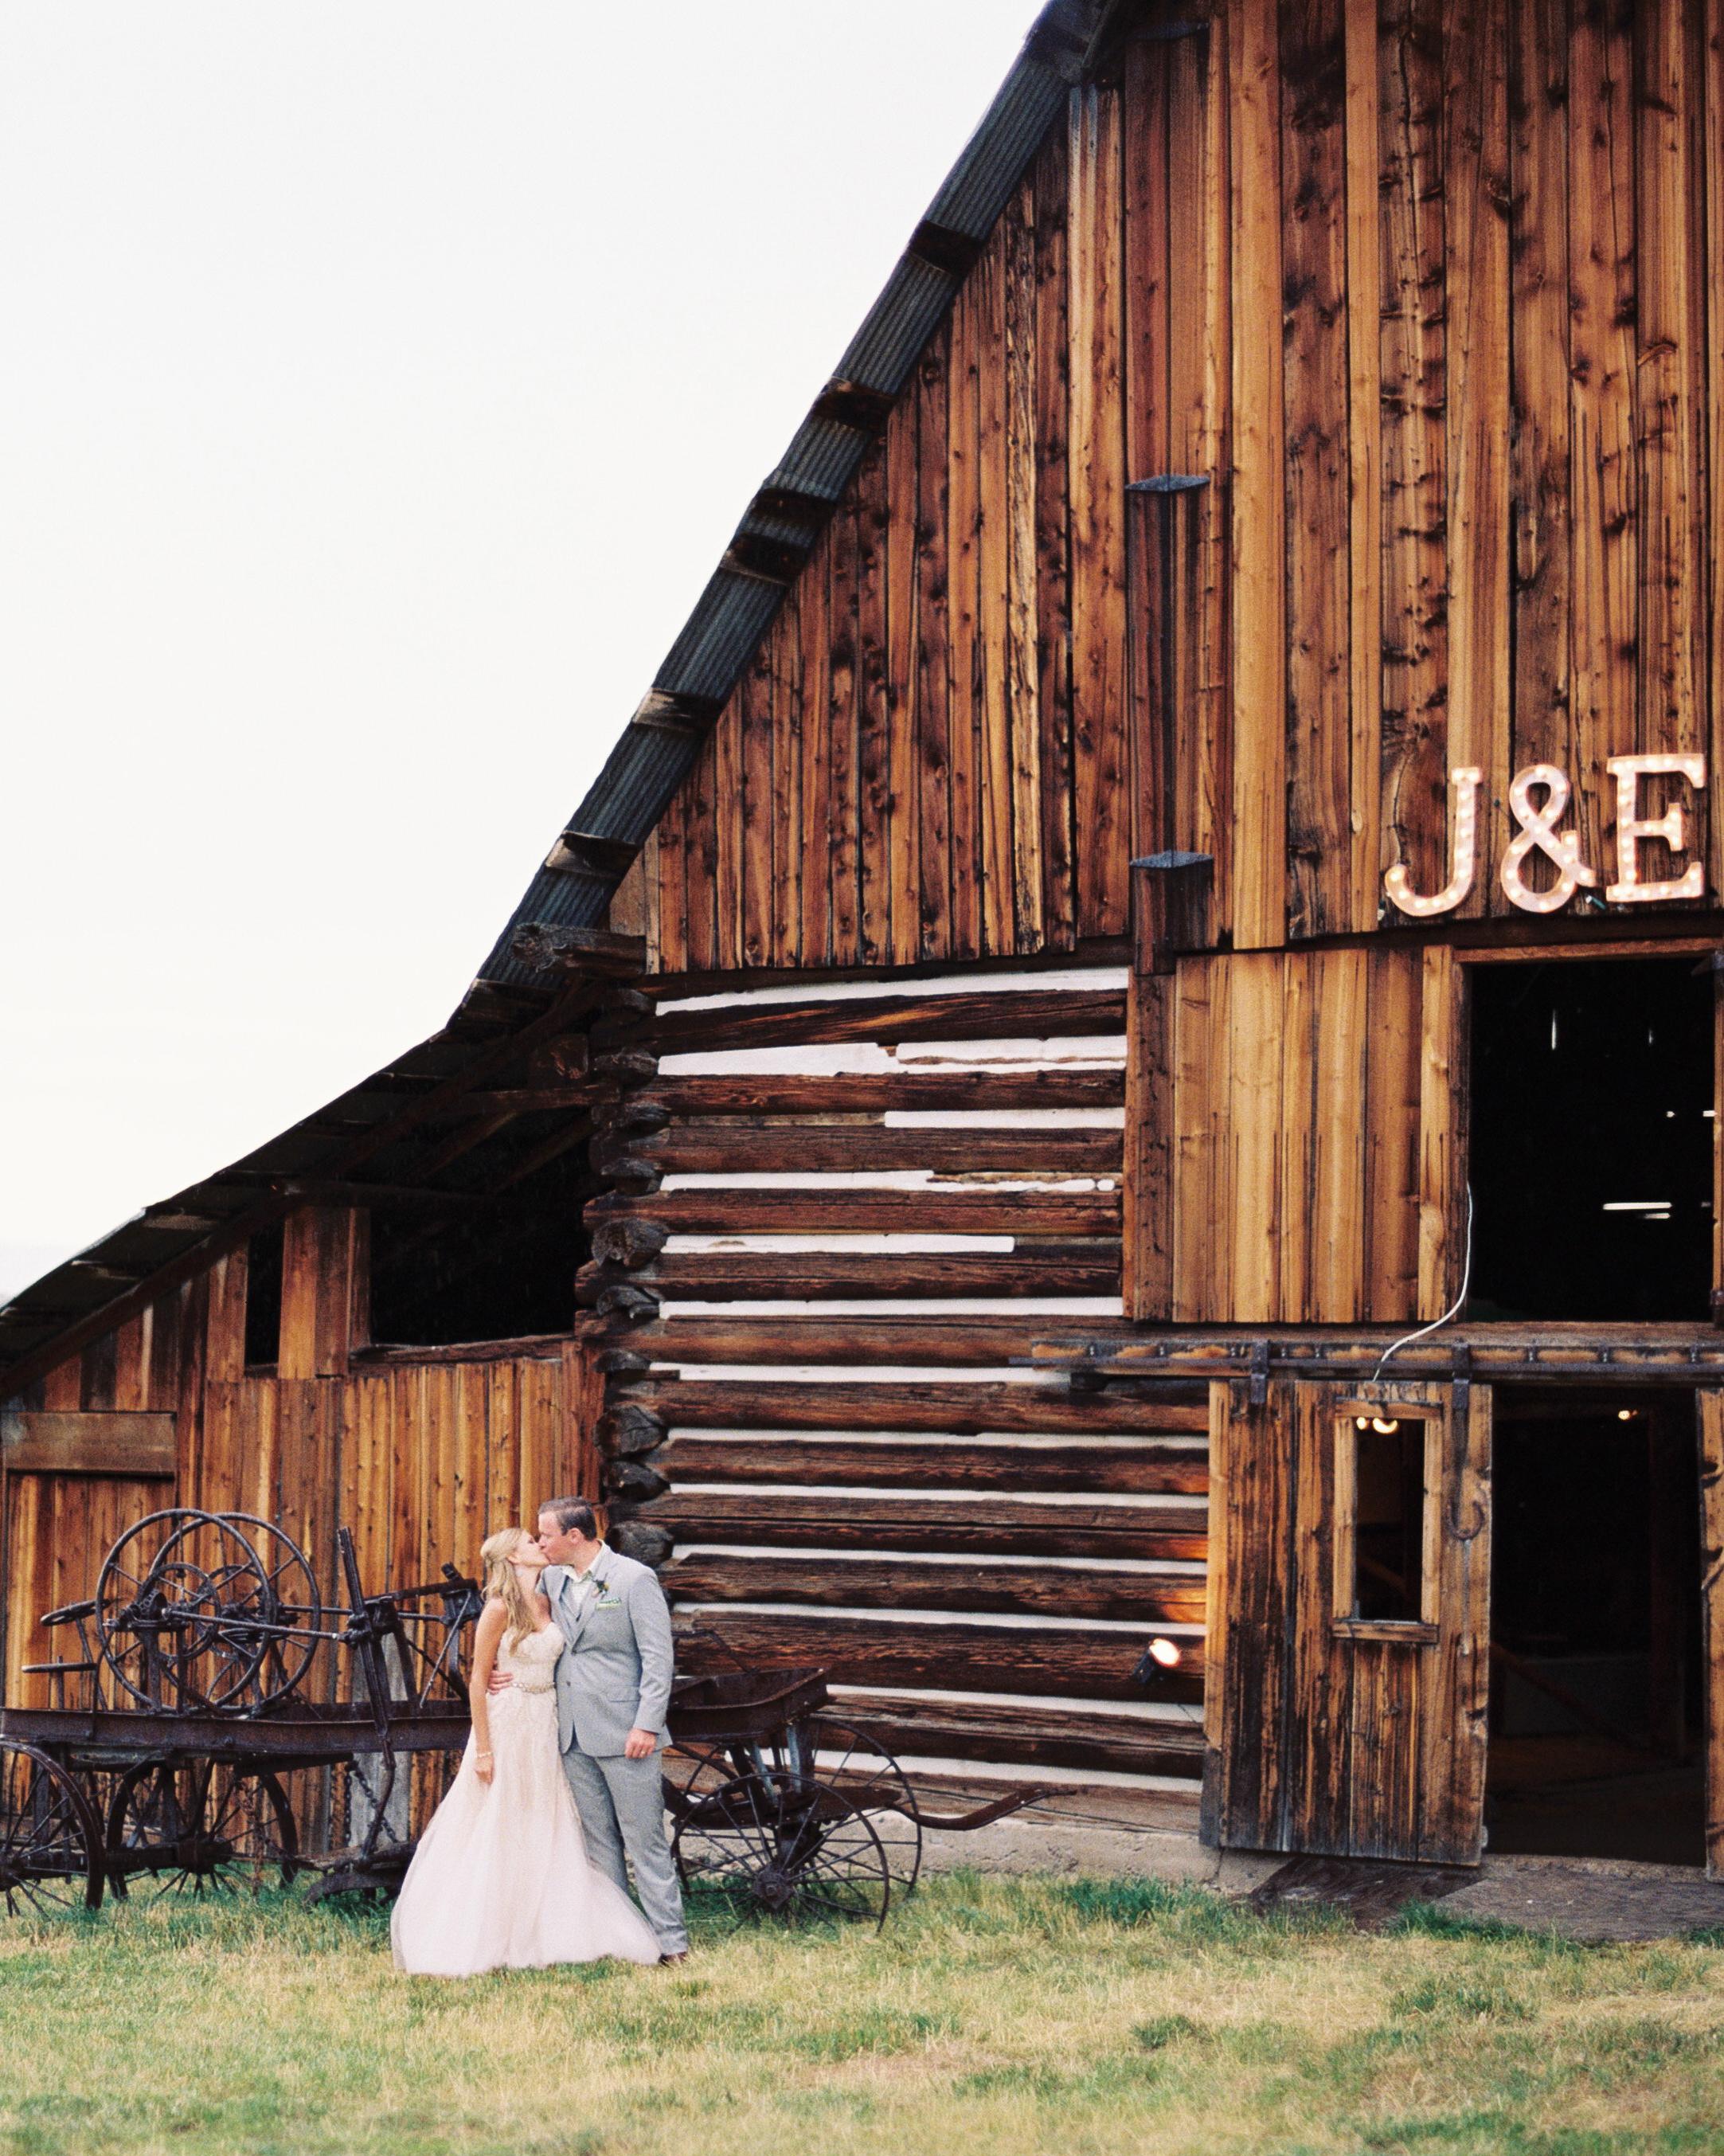 erin-jj-wedding-couple-68-s111742-0115.jpg